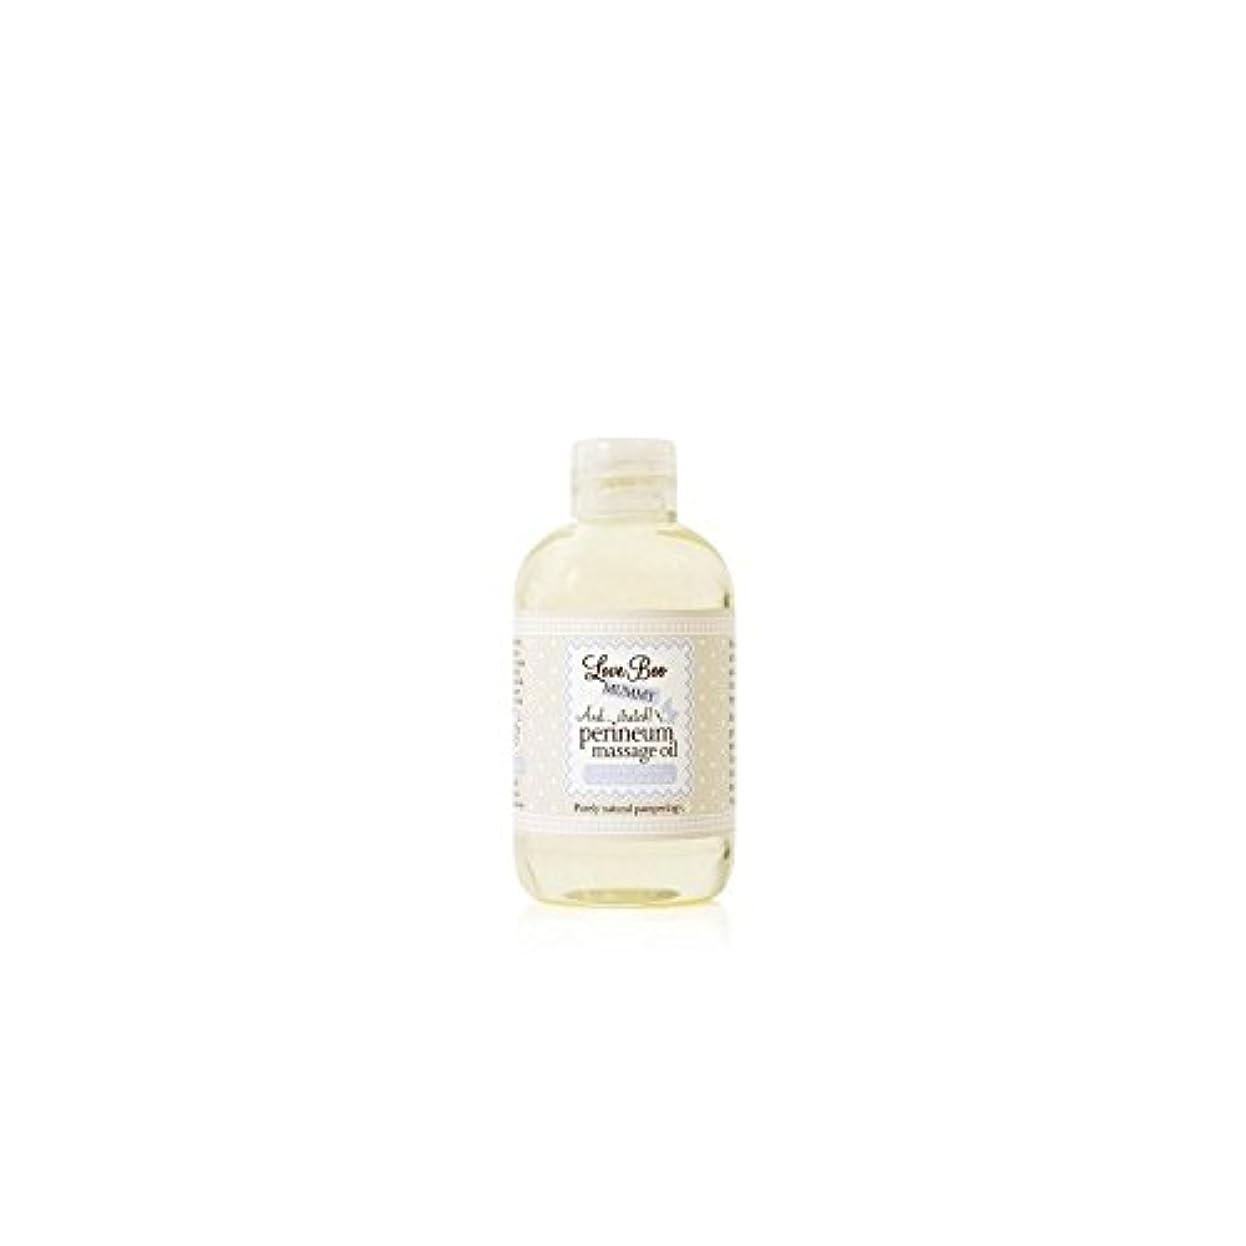 無視印象的繁殖Love Boo Perineum Massage Oil (100ml) - 会陰マッサージオイル(100)にブーイングの愛 [並行輸入品]